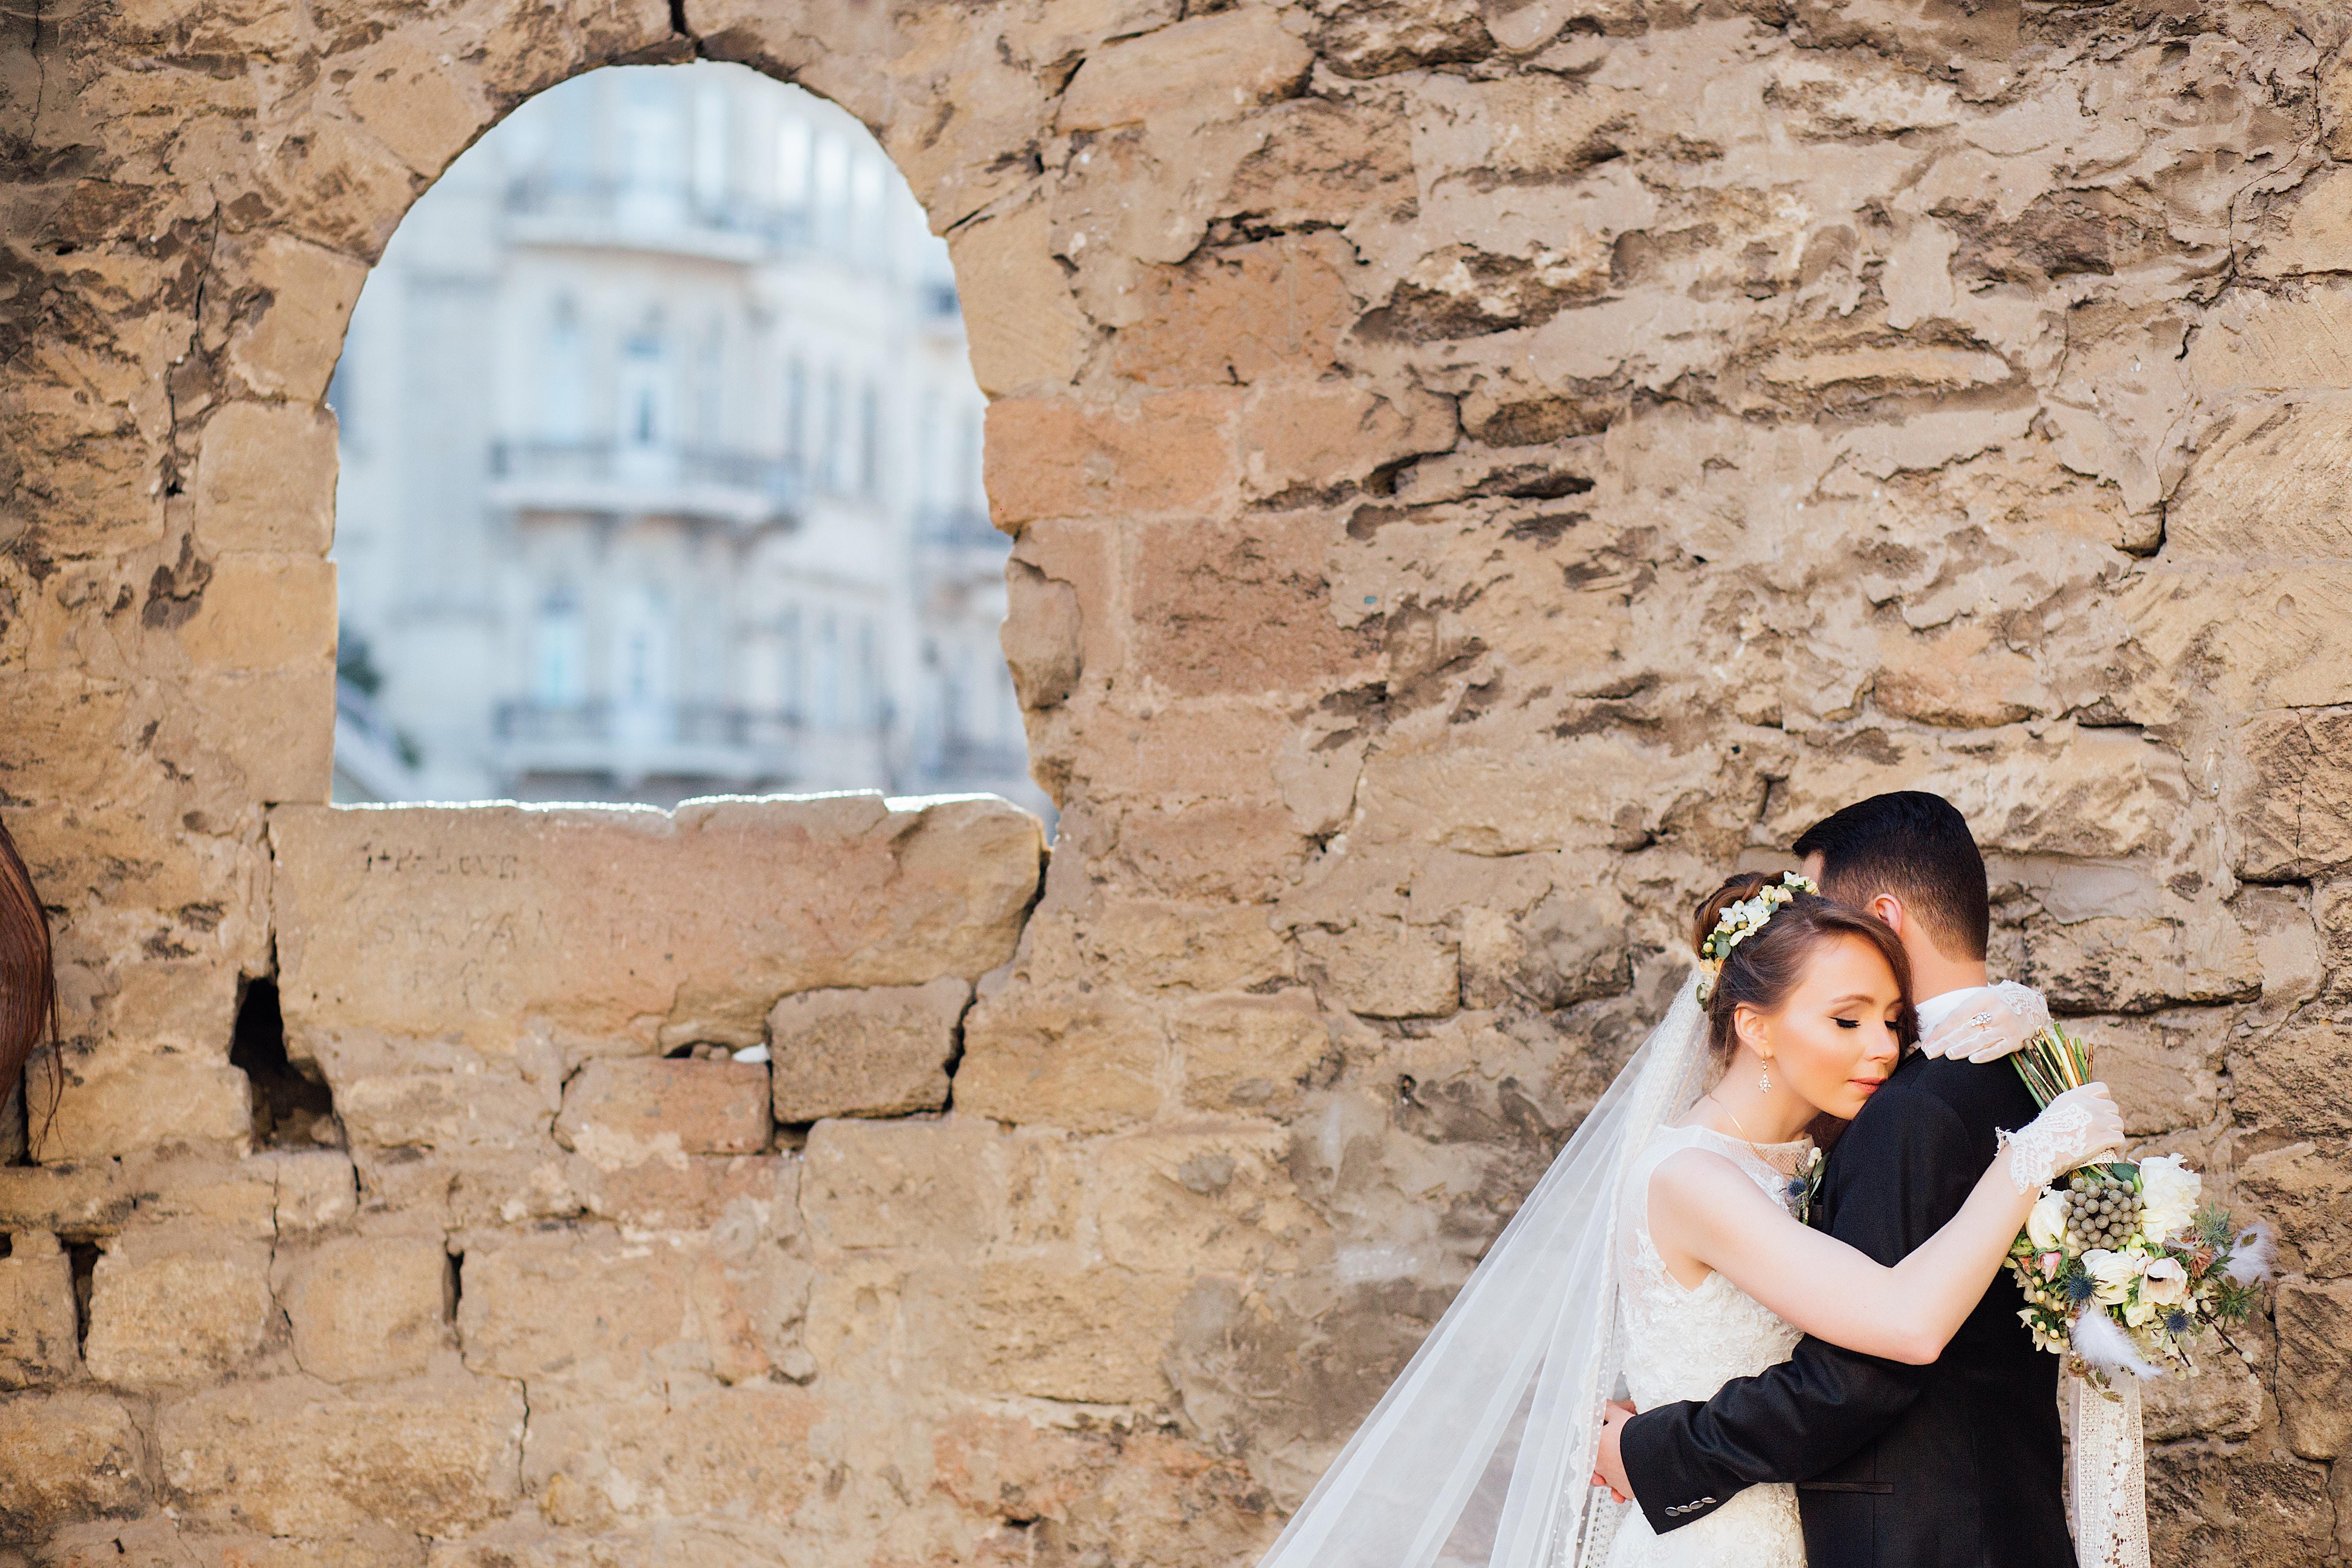 krav för ett giltigt äktenskapsförord